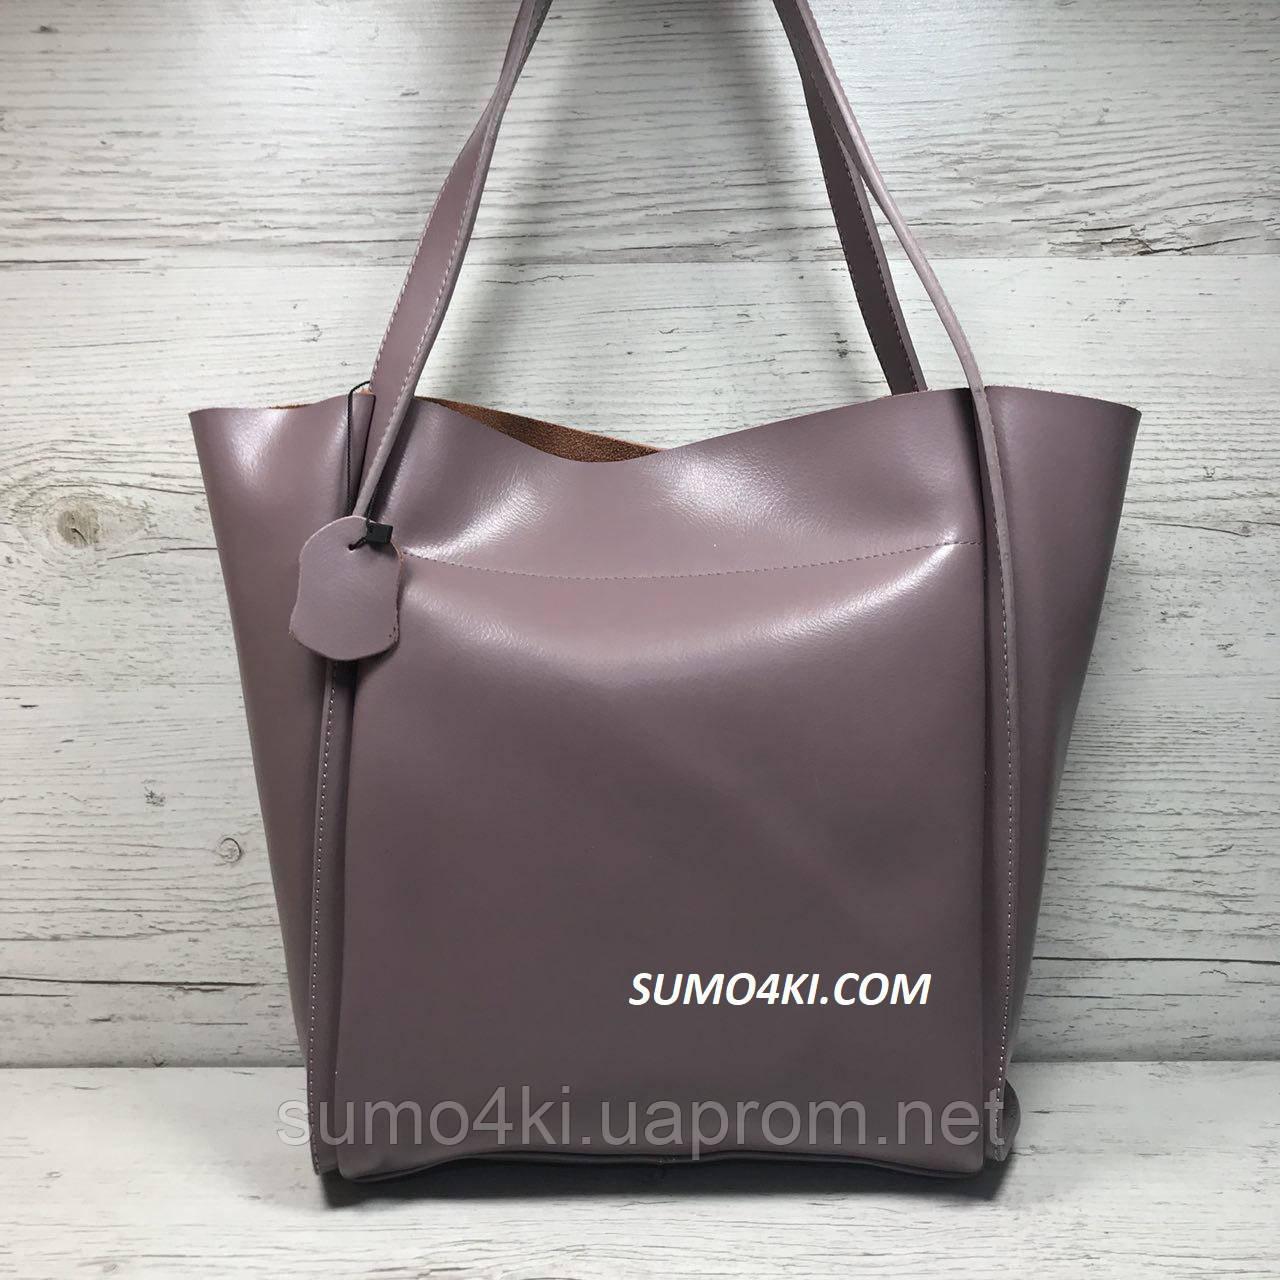 d6a8a35da264 Женская кожаная сумка с длинными ручками - Интернет-магазин «Галерея Сумок»  в Одессе